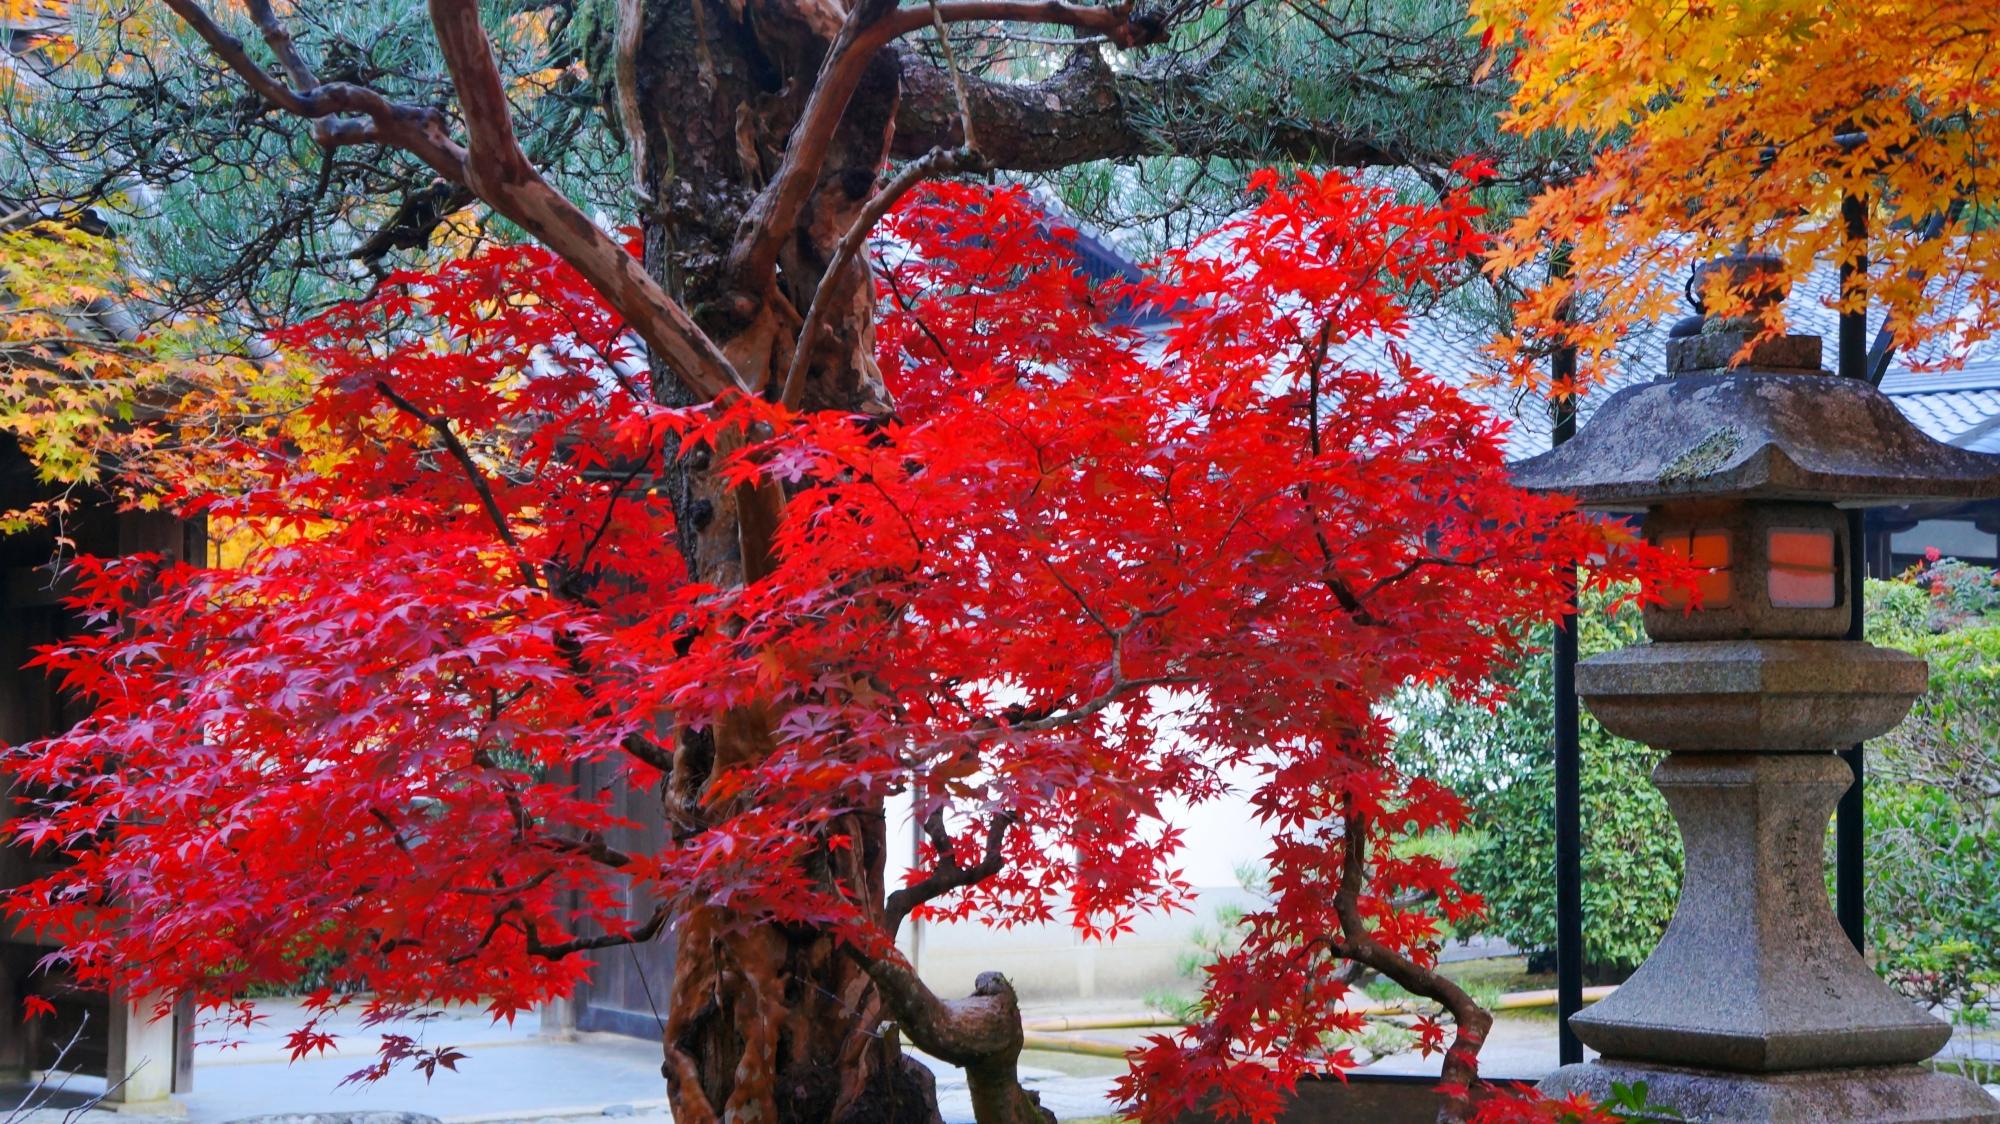 最勝院の燈籠を彩る真っ赤な紅葉